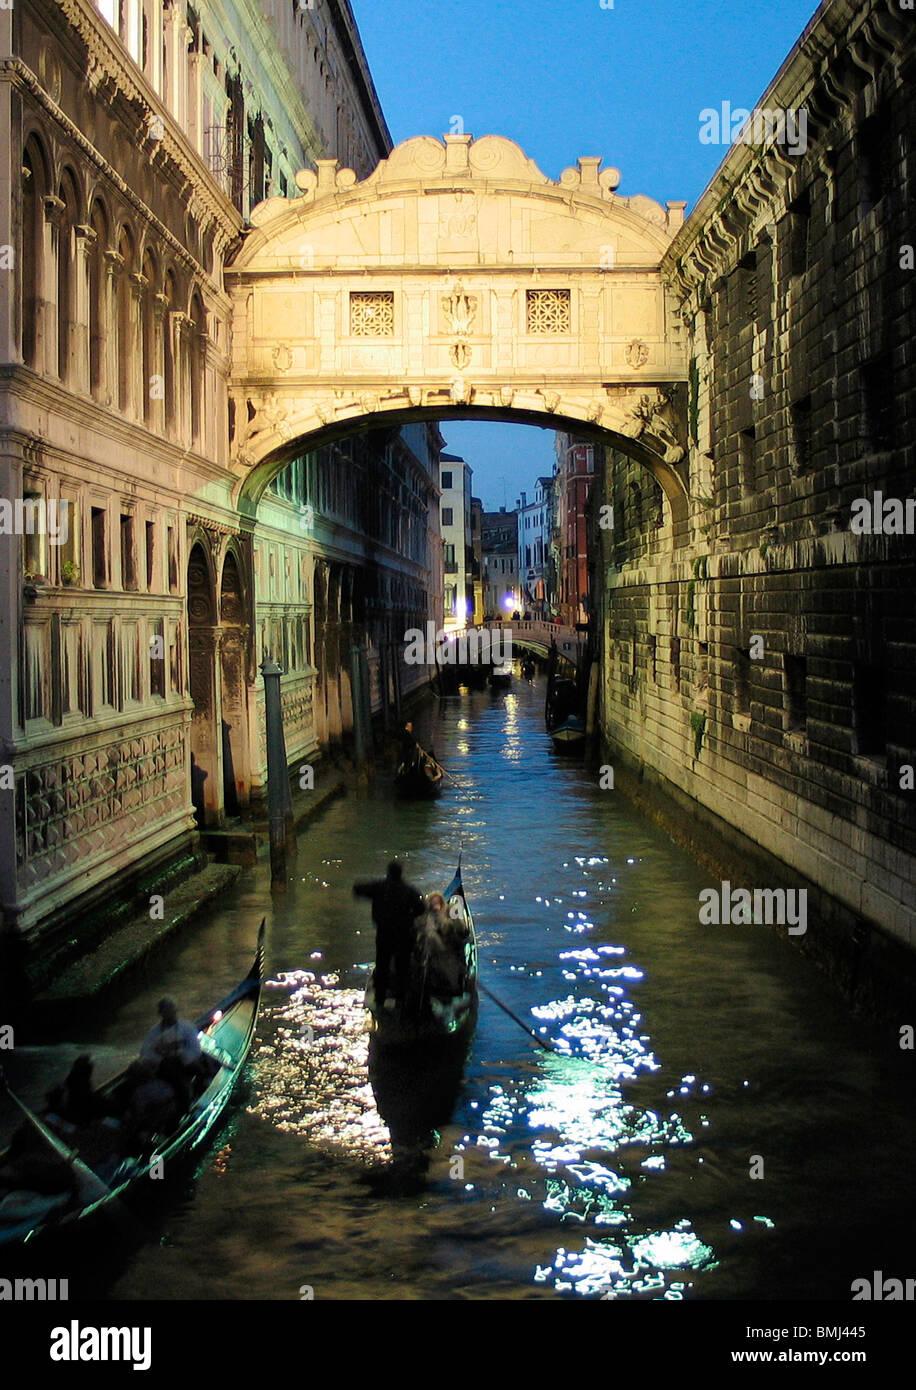 Gondola pasando bajo el Puente de los Suspiros, Venecia de noche Imagen De Stock